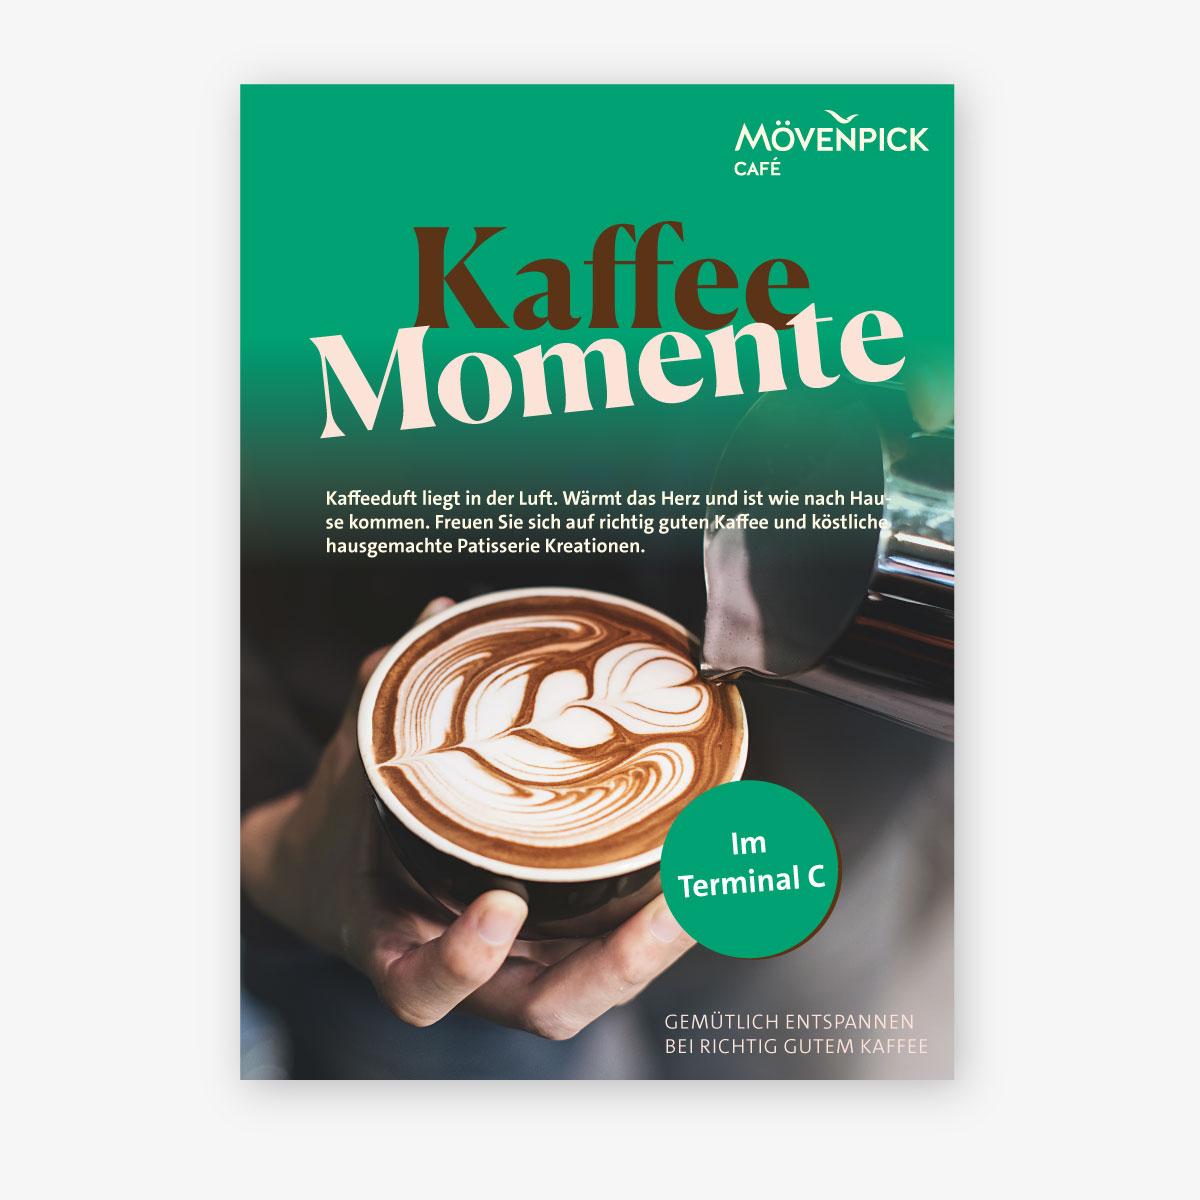 Plakat als Teil des Rebranding der Werbemittel von Mövenpick Café